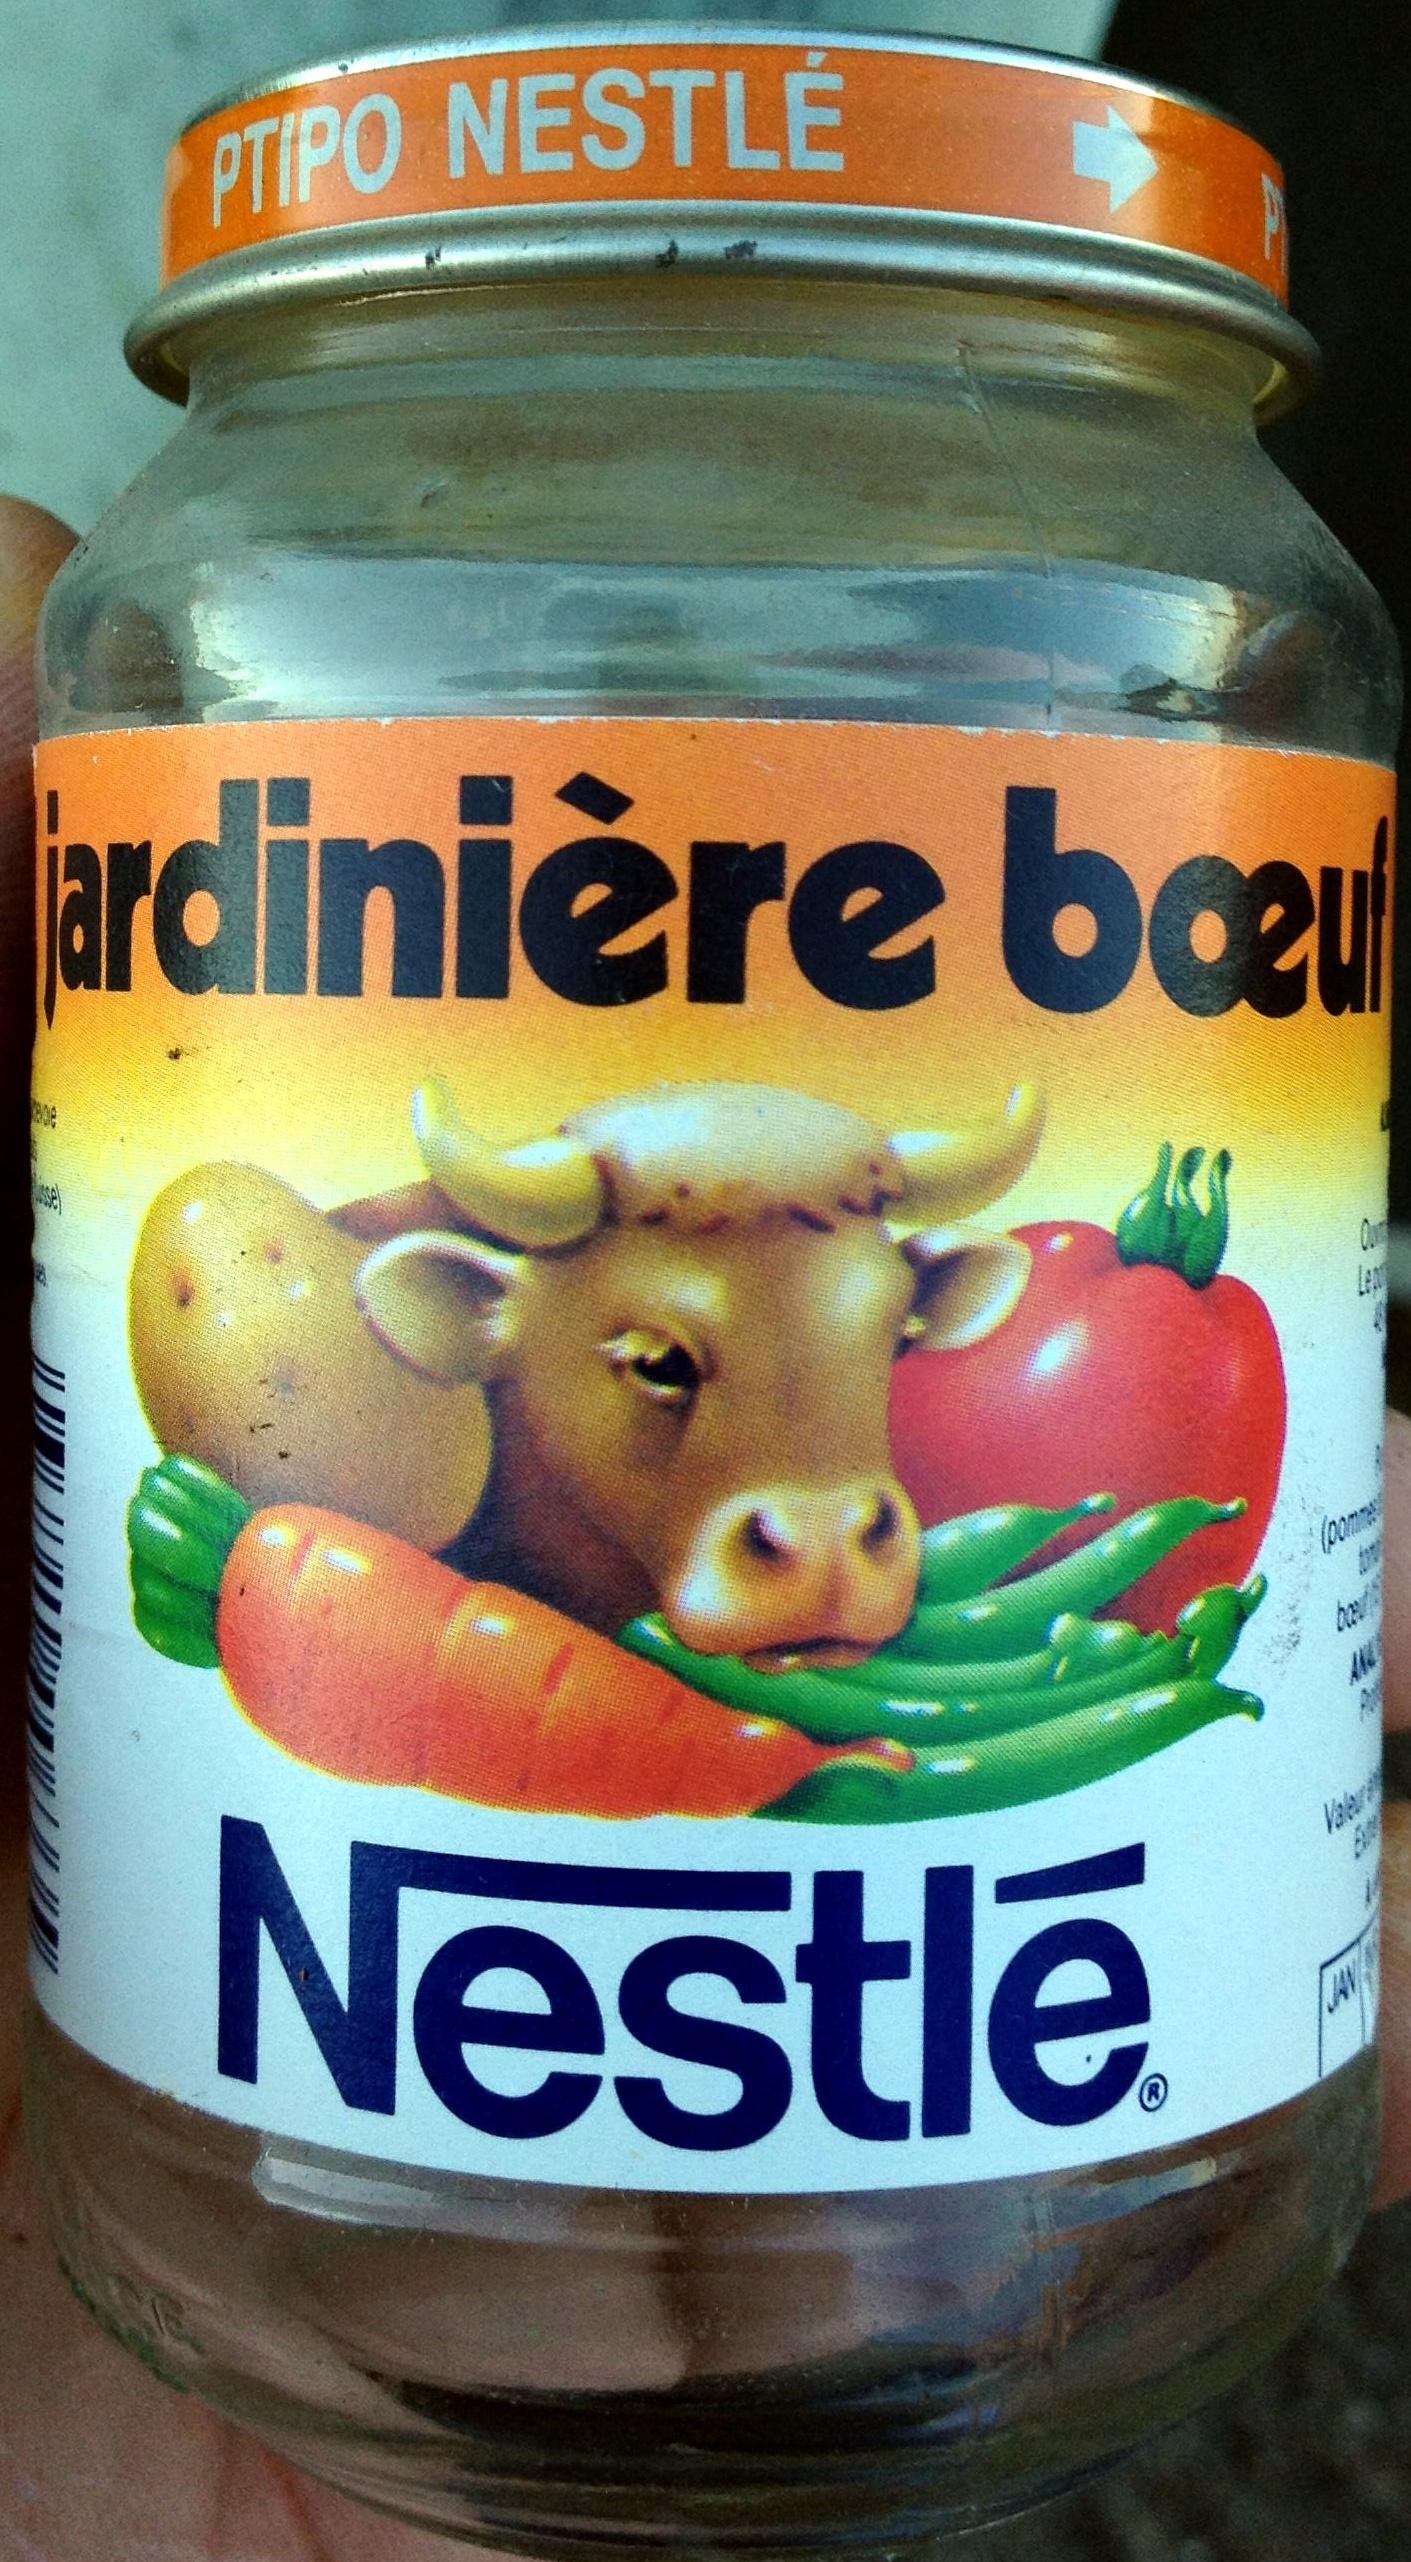 jardinière bœuf - Product - fr